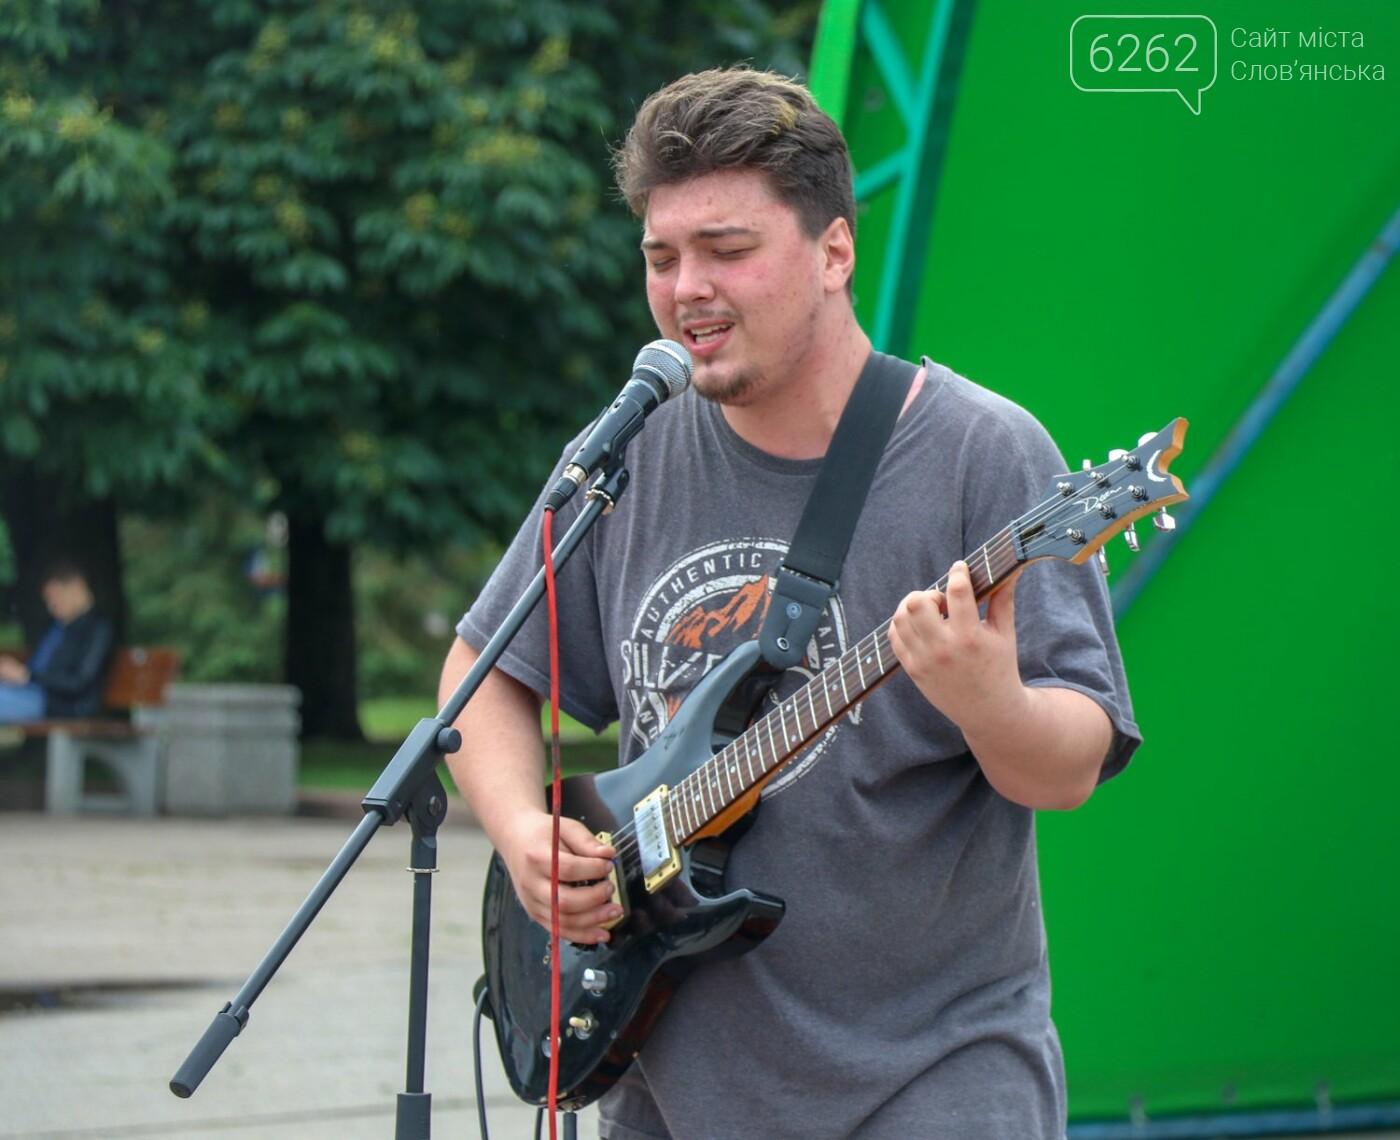 Скрипка, джаз та вечірні танці - яким був День вуличної музики у Слов'янську, фото-12